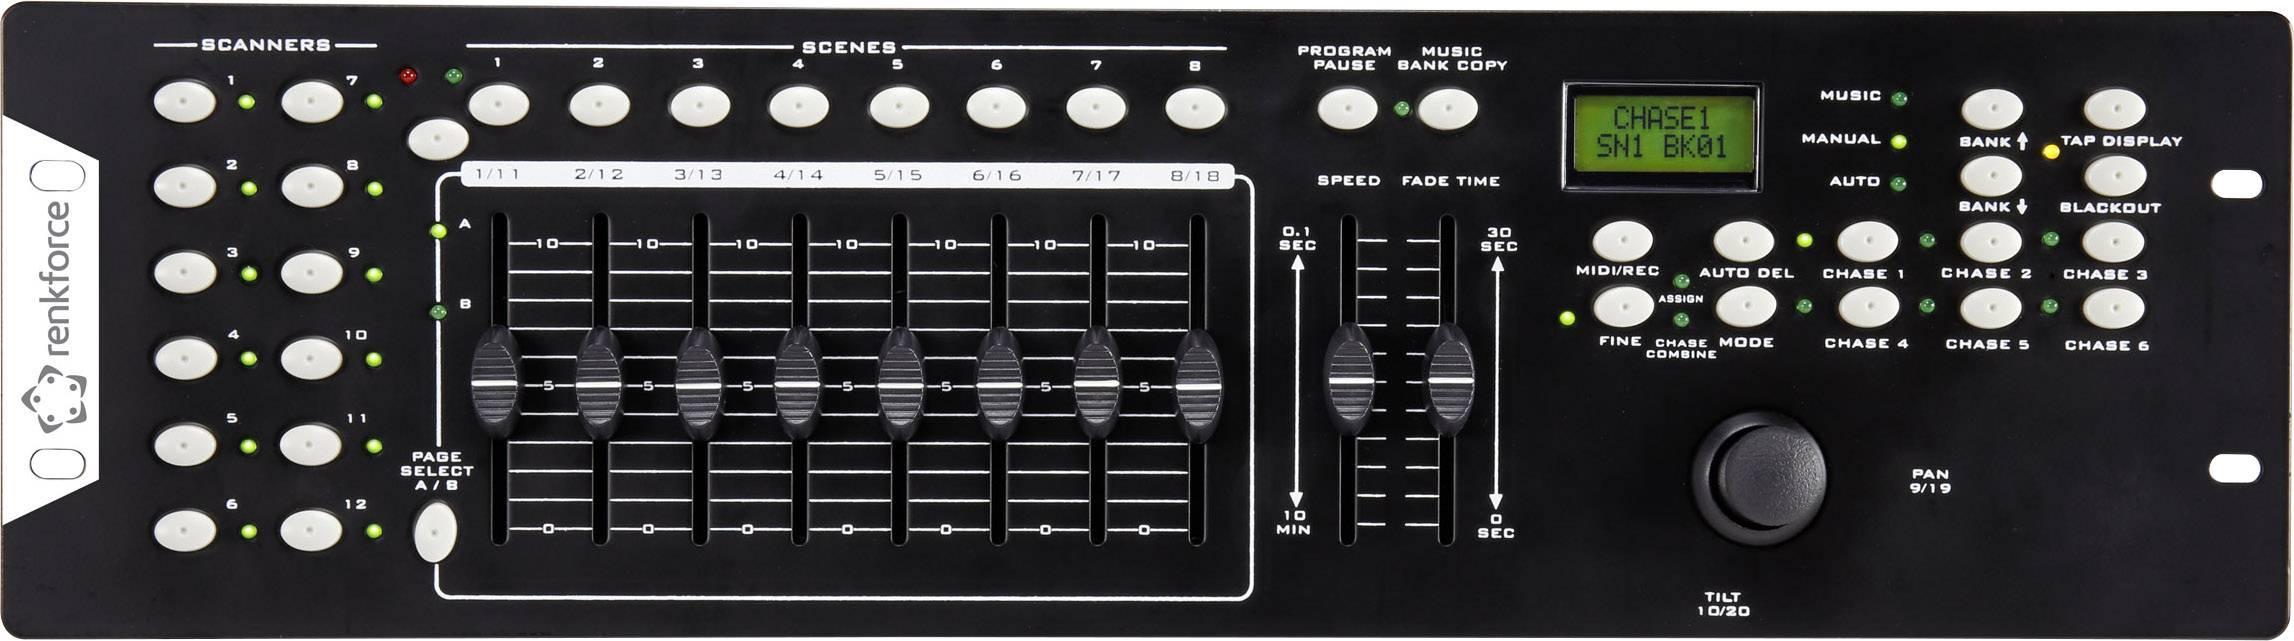 DMX kontrolér Renkforce Joystick 8-kanálový